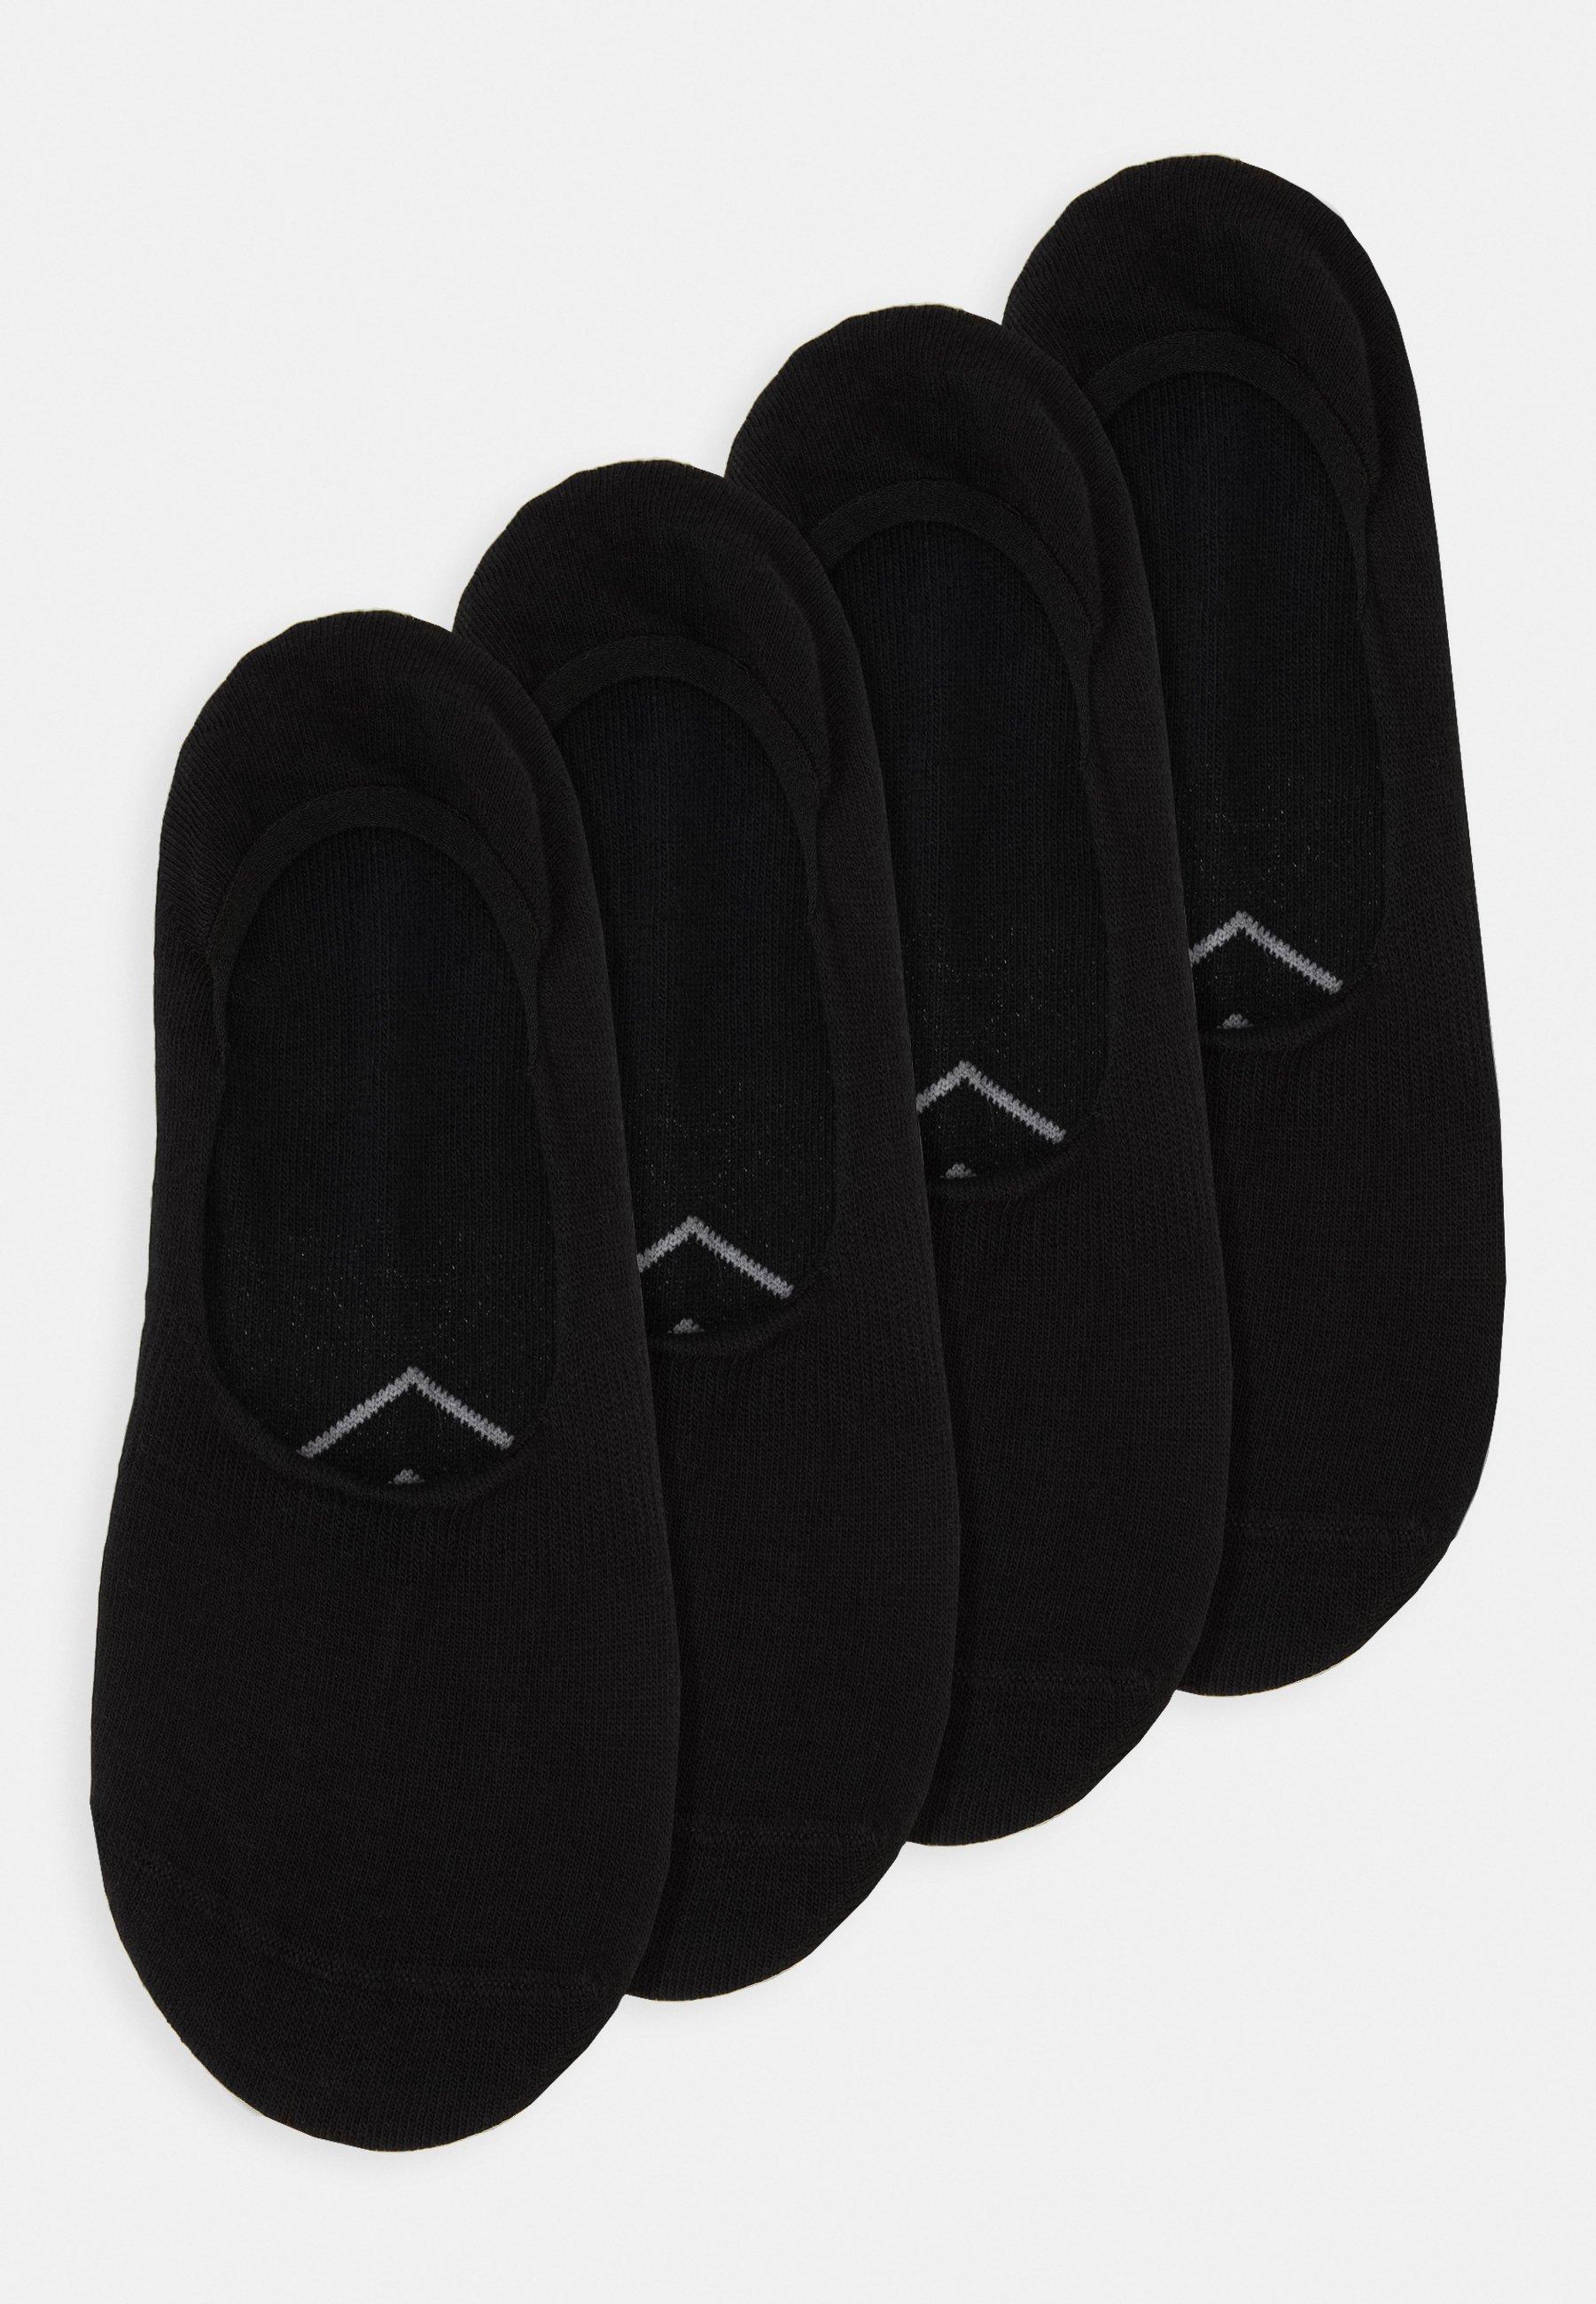 Femme ONLINE WOMEN ORIGINAL FOOTIES 4 PACK - Chaussettes